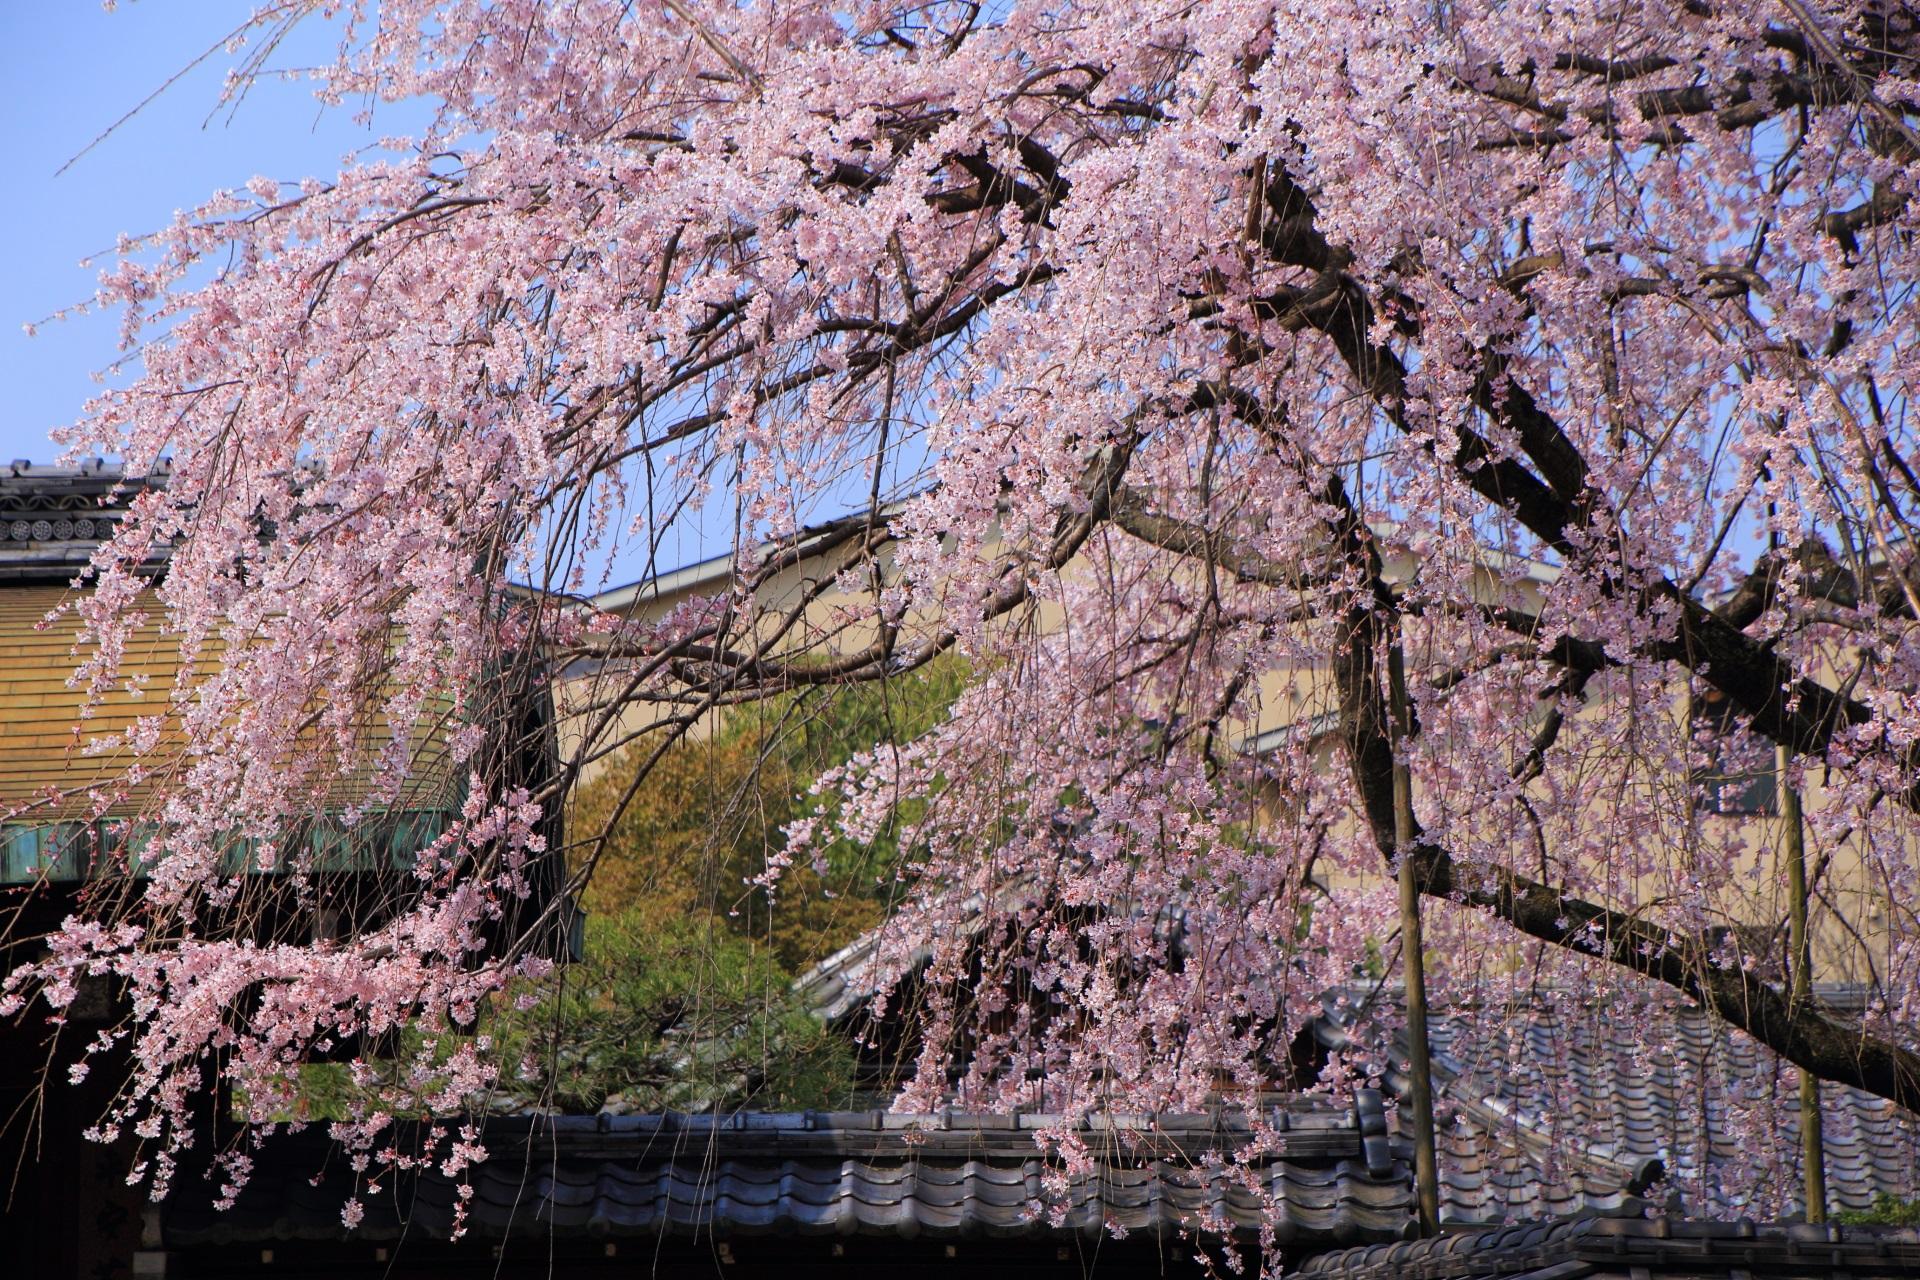 光を浴びて煌く有栖館のピンクのしだれ桜